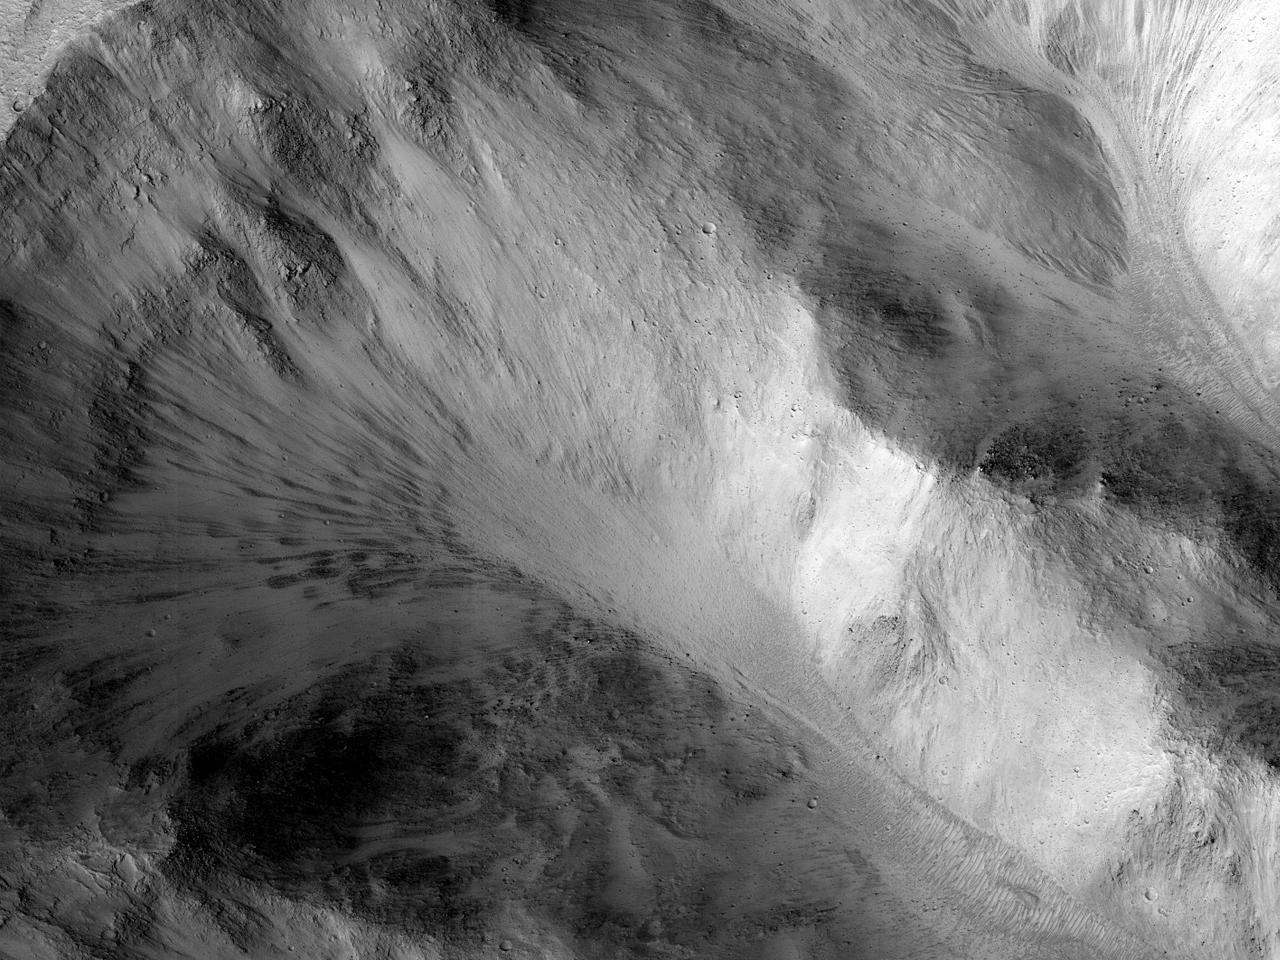 Mørk avleiring i Shalbatana Vallis